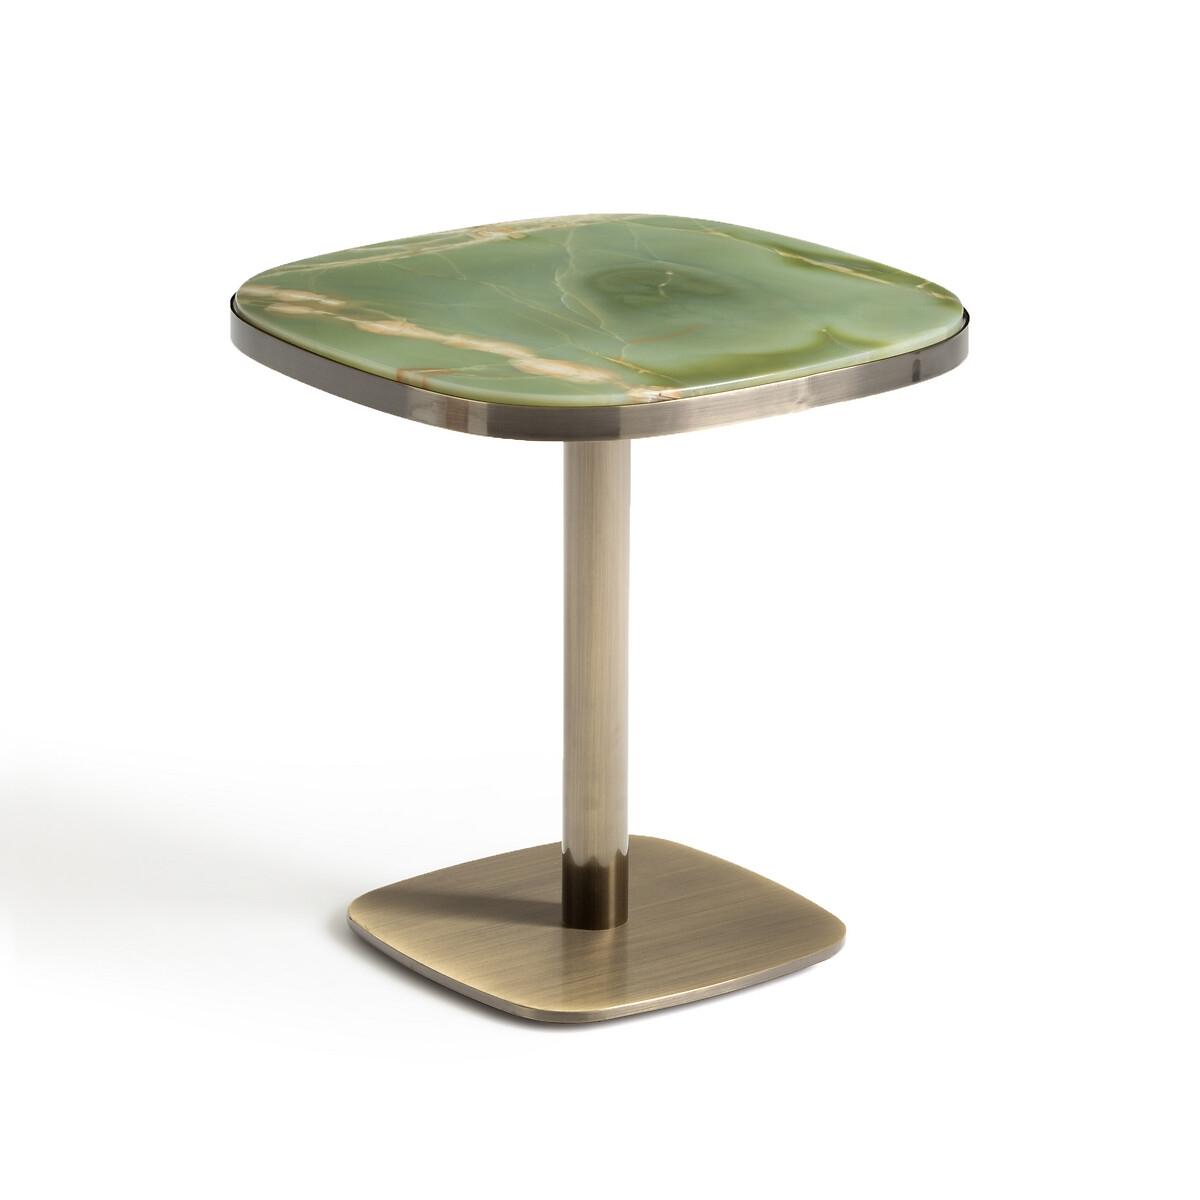 Столик LaRedoute Круглый из нефрита Lixfeld единый размер зеленый